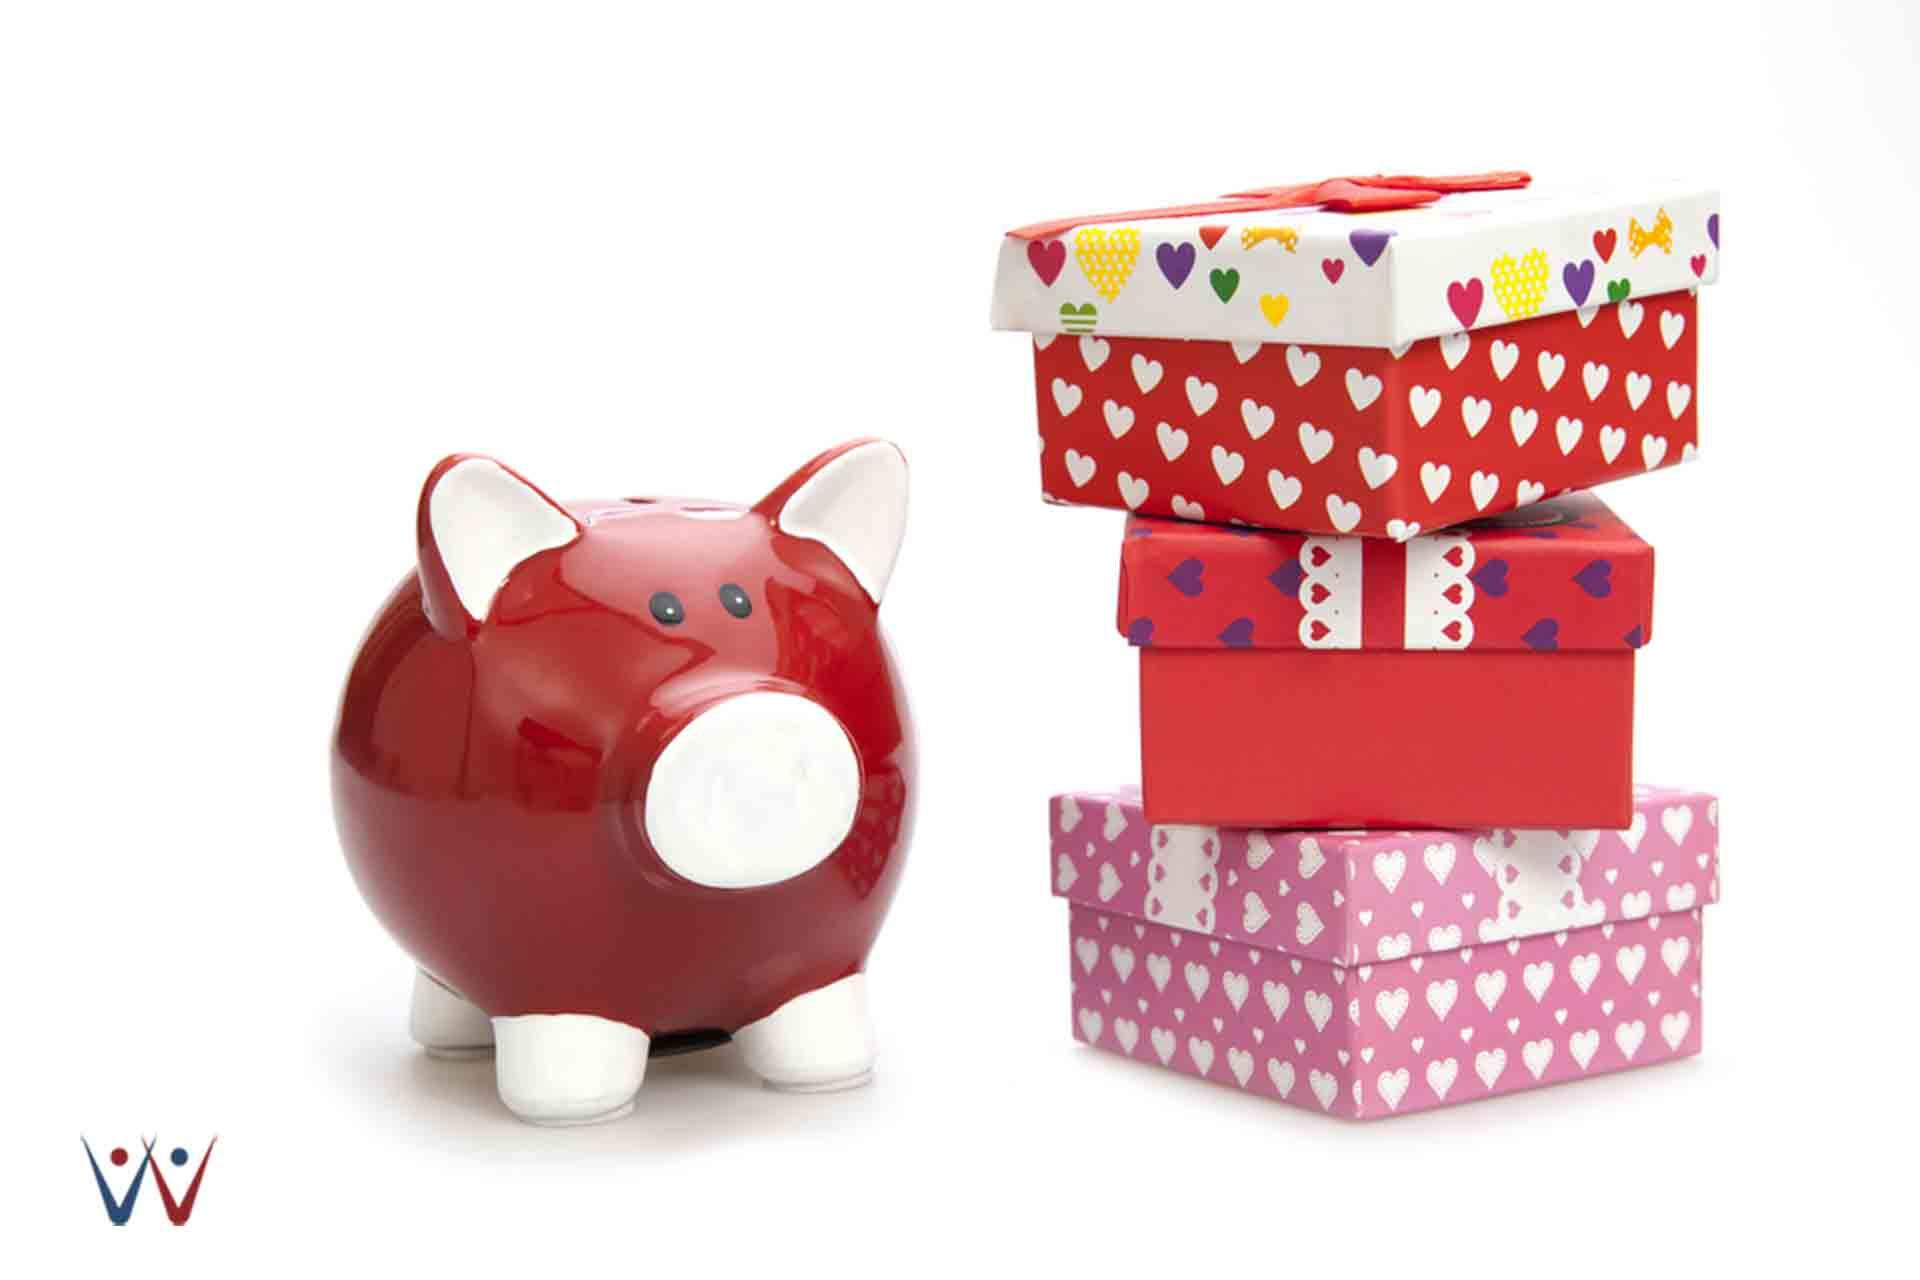 prinsip 80/20 pareto - Atur Budget Kamu Menjelang Hari Valentine dengan 5 Tips Berikut Ini!